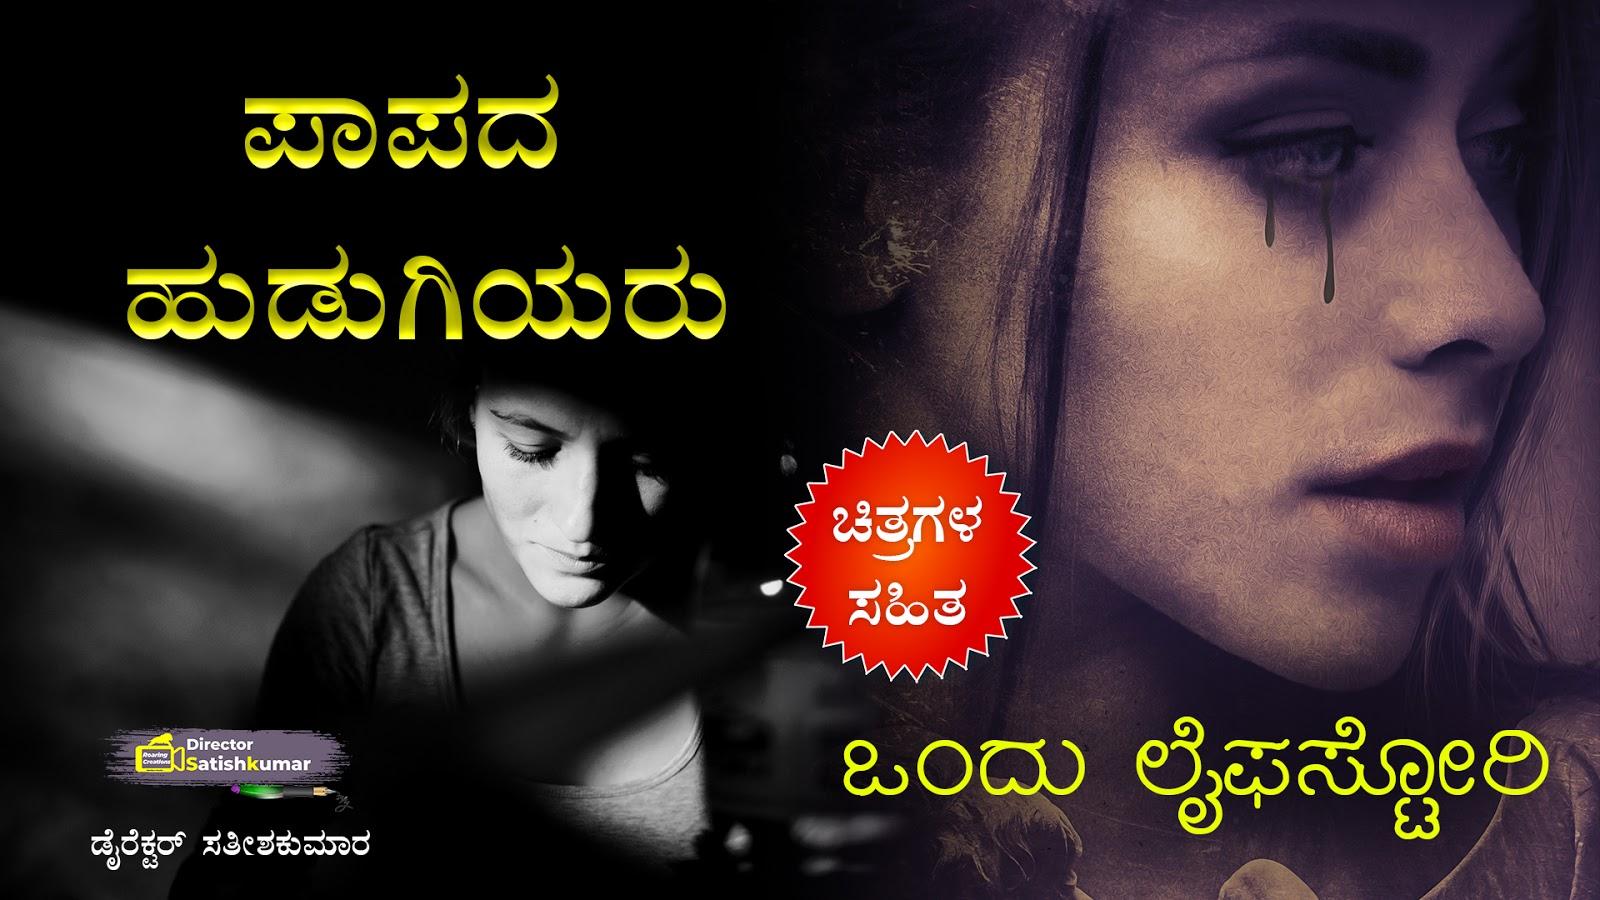 ಪಾಪದ ಹುಡುಗಿಯರು : ಒಂದು ಲೈಫಸ್ಟೋರಿ - Kannada Sad Life Love Story - ಕನ್ನಡ ಕಥೆ ಪುಸ್ತಕಗಳು - Kannada Story Books -  E Books Kannada - Kannada Books